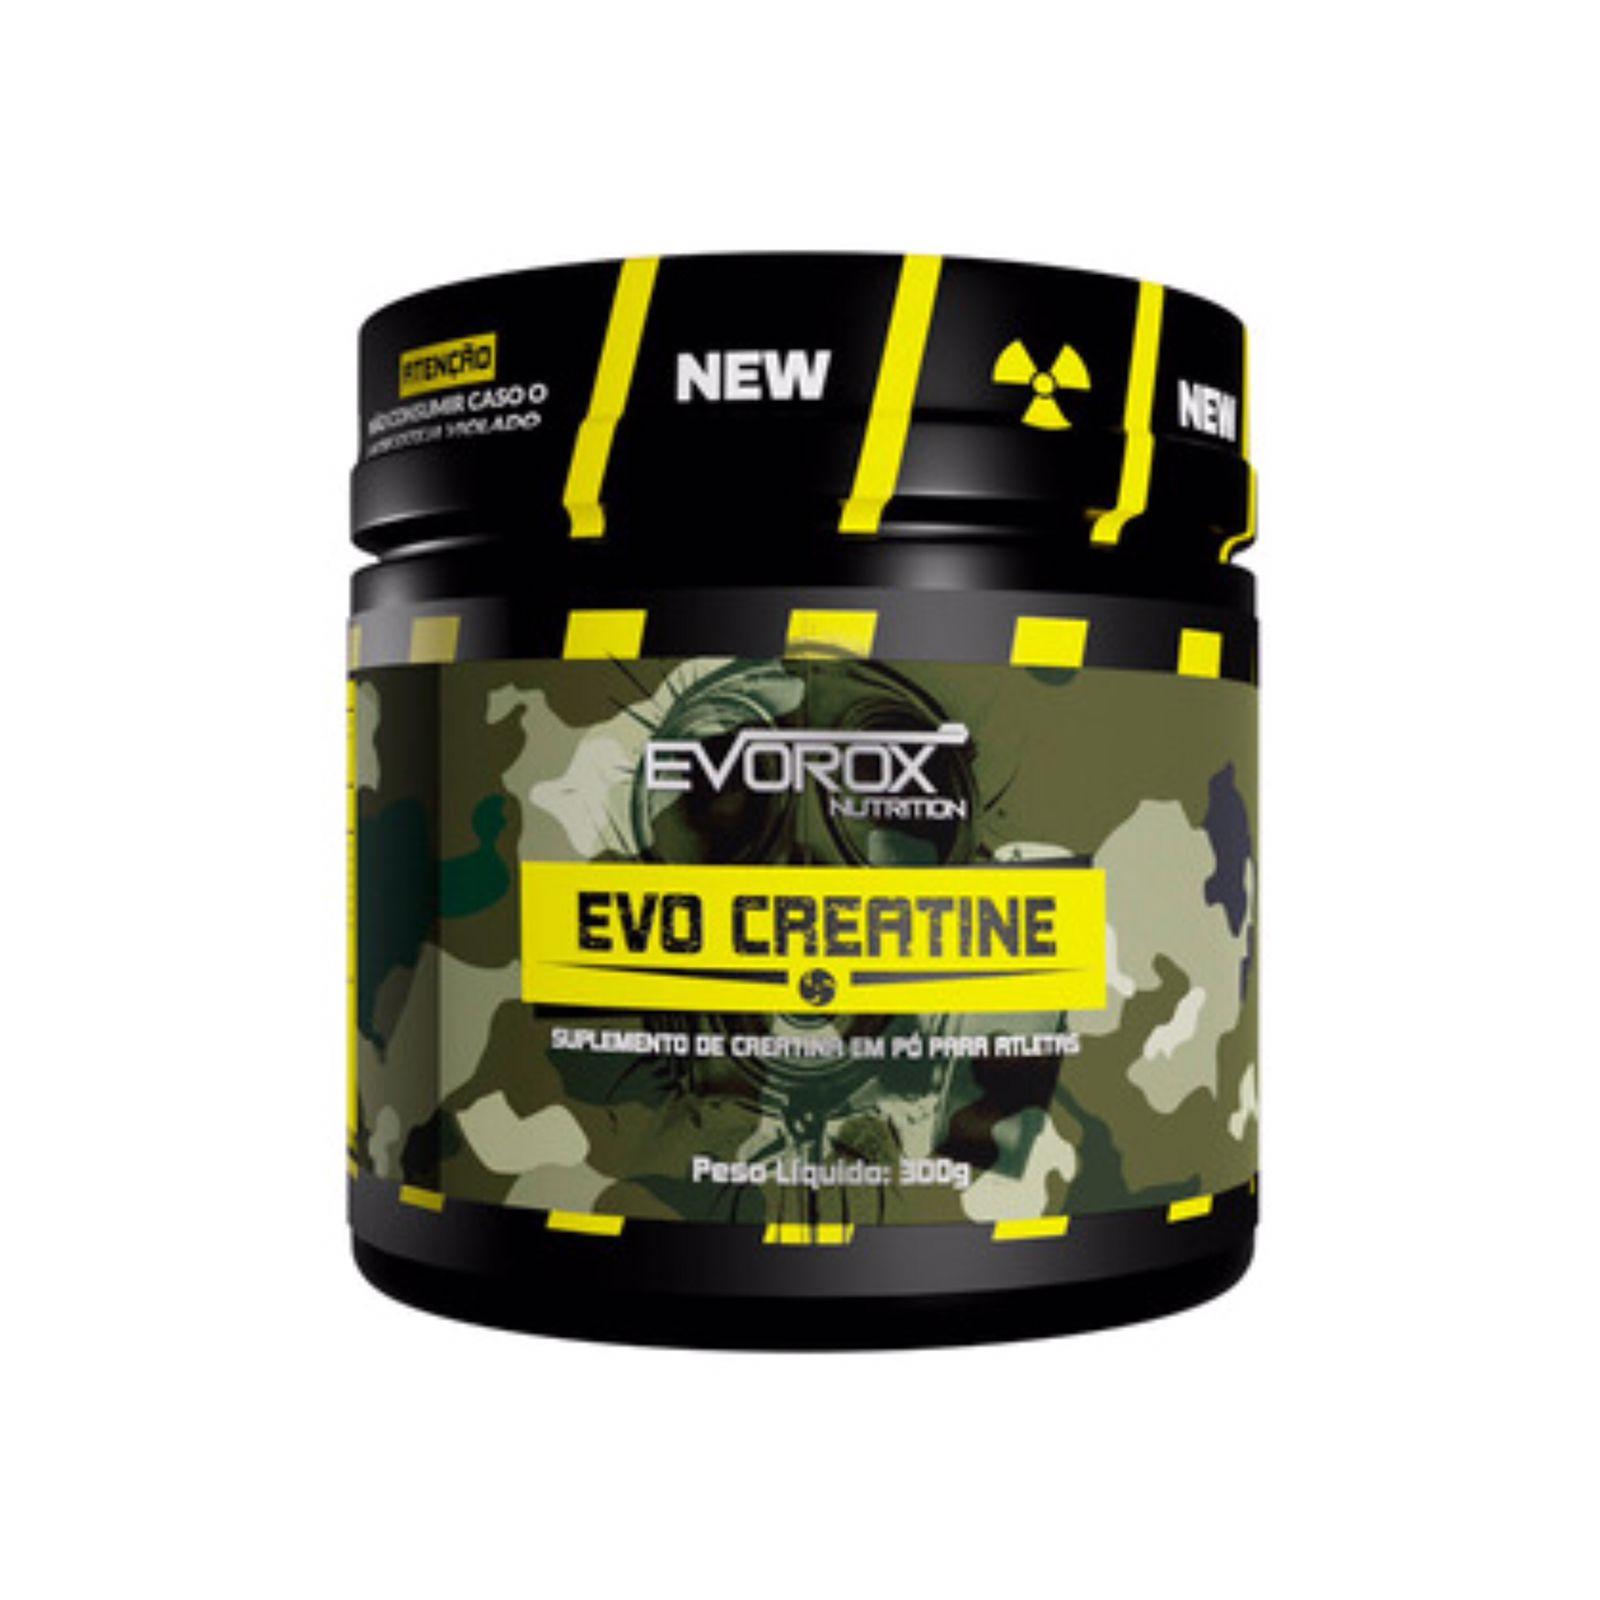 EVO CREATINE ( 300G ) - EVOROX